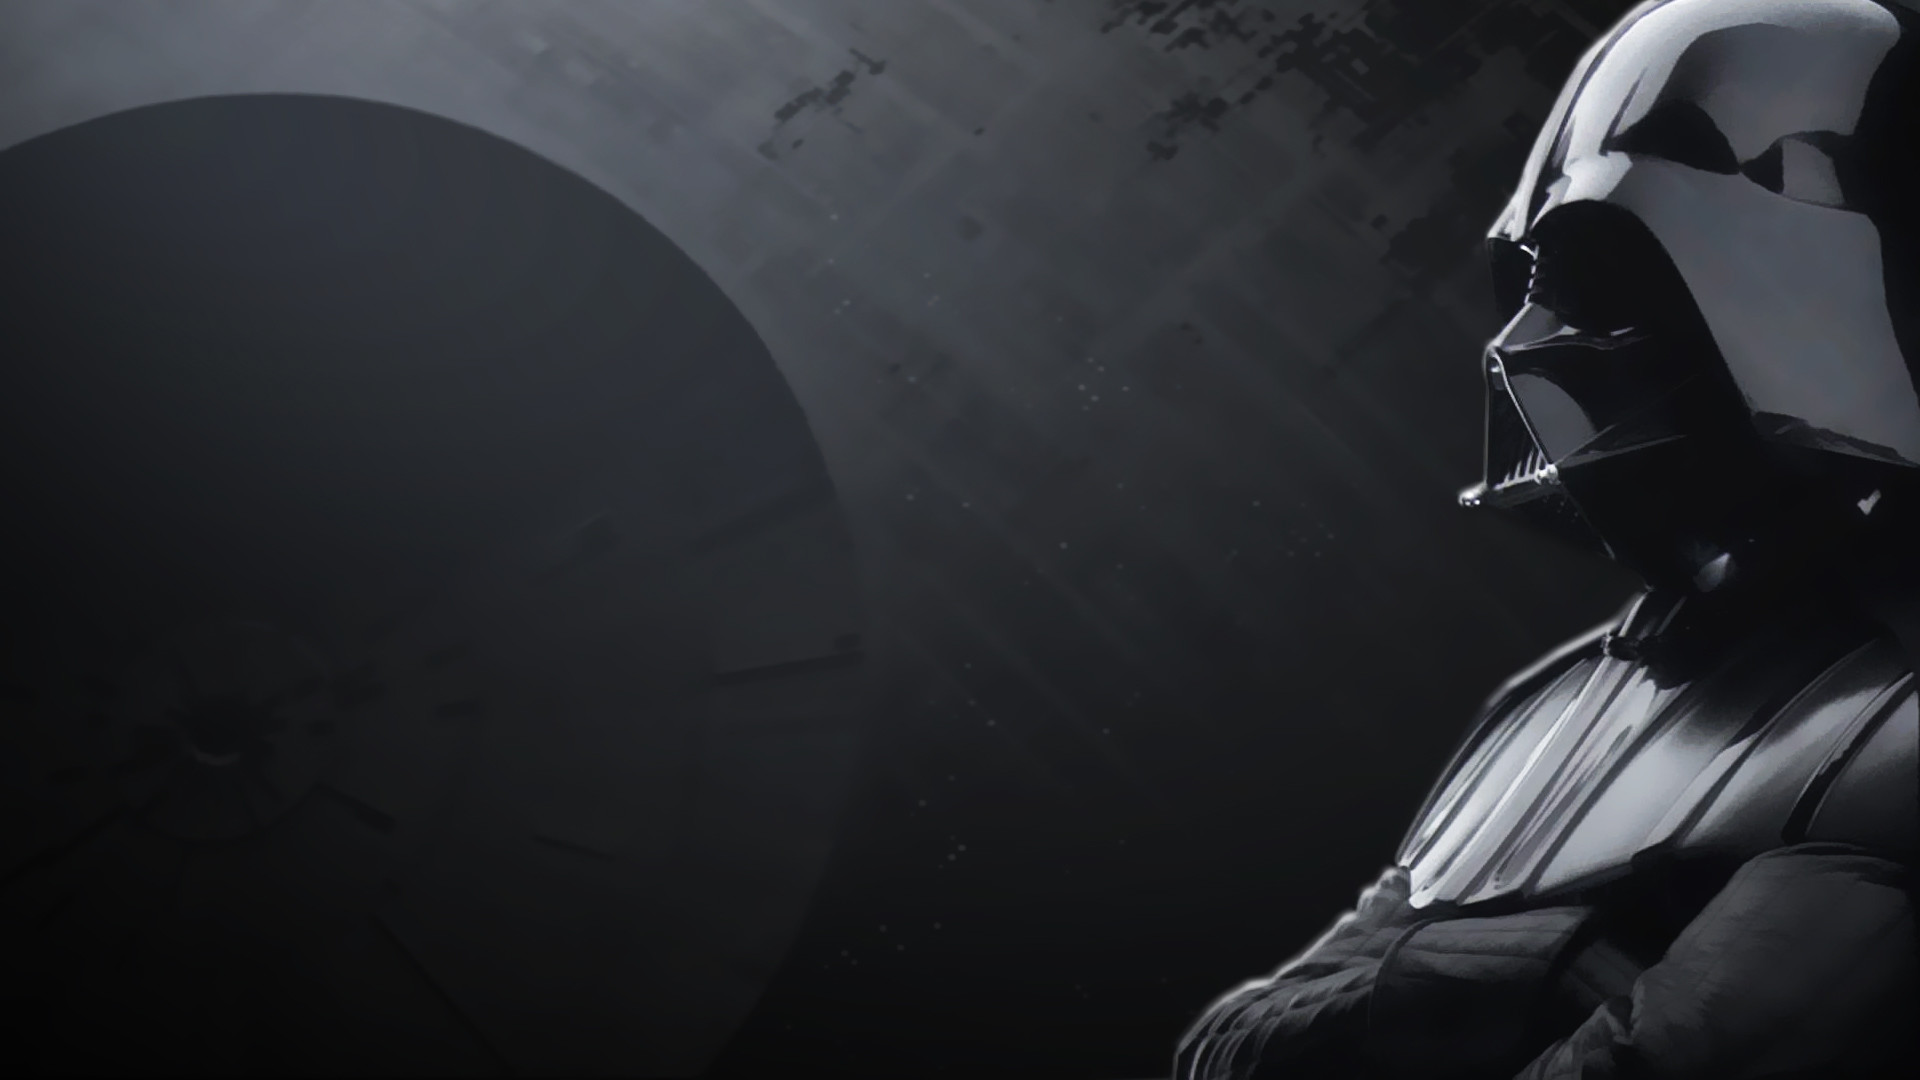 1920x1080 Vader Deathstar Wallpaper Custom Art Statistics